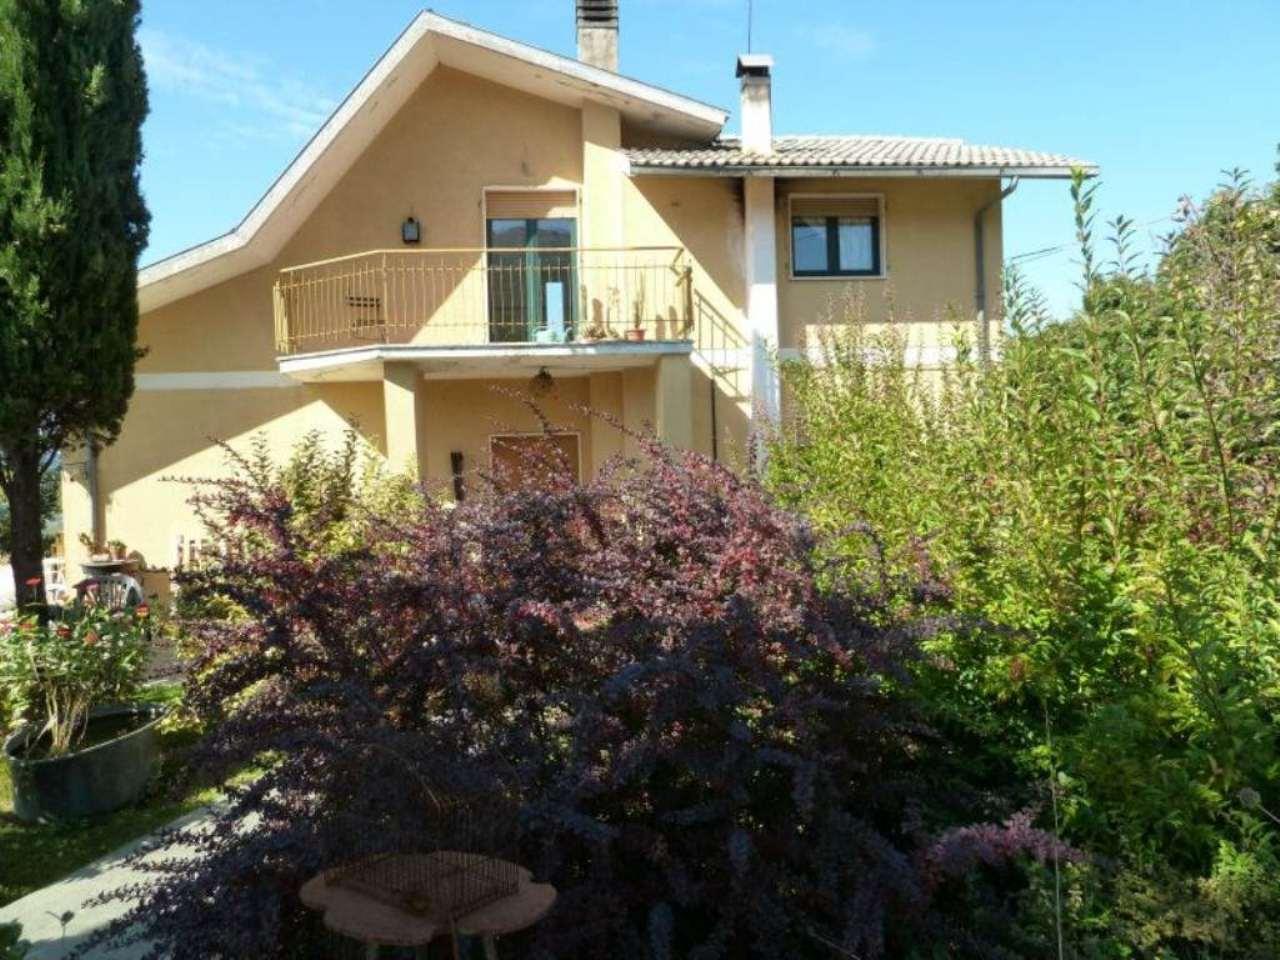 Villa in vendita a Carsoli, 9 locali, prezzo € 140.000 | CambioCasa.it